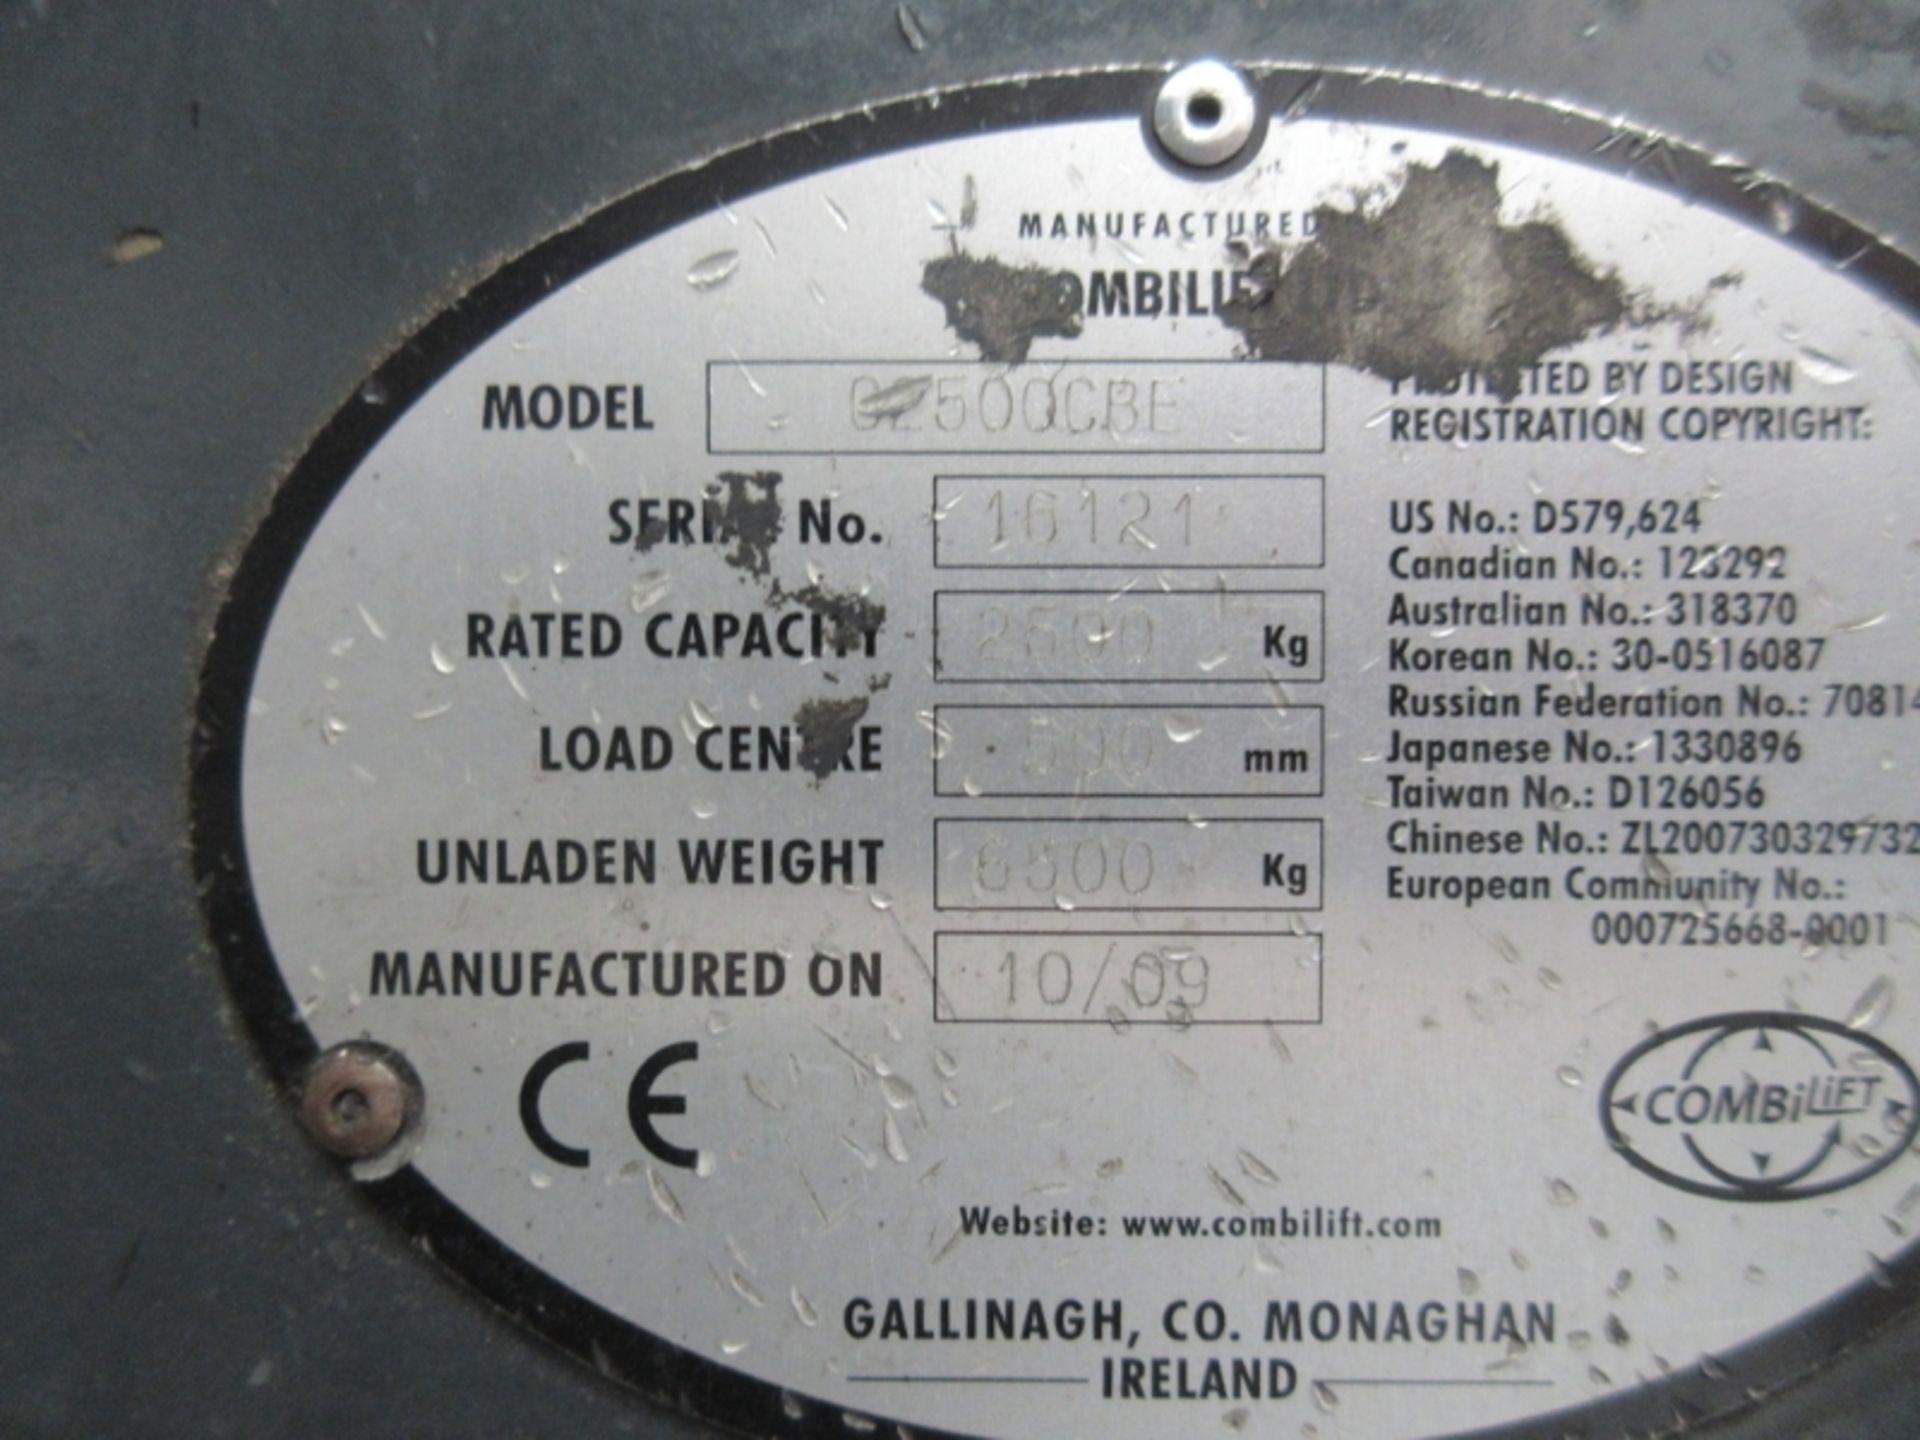 Lot 55 - COMBILIFT C2500CBE Plant Electric - VIN: 16121 - Year: 2010 - . Hours - Duplex Combi Forklift,